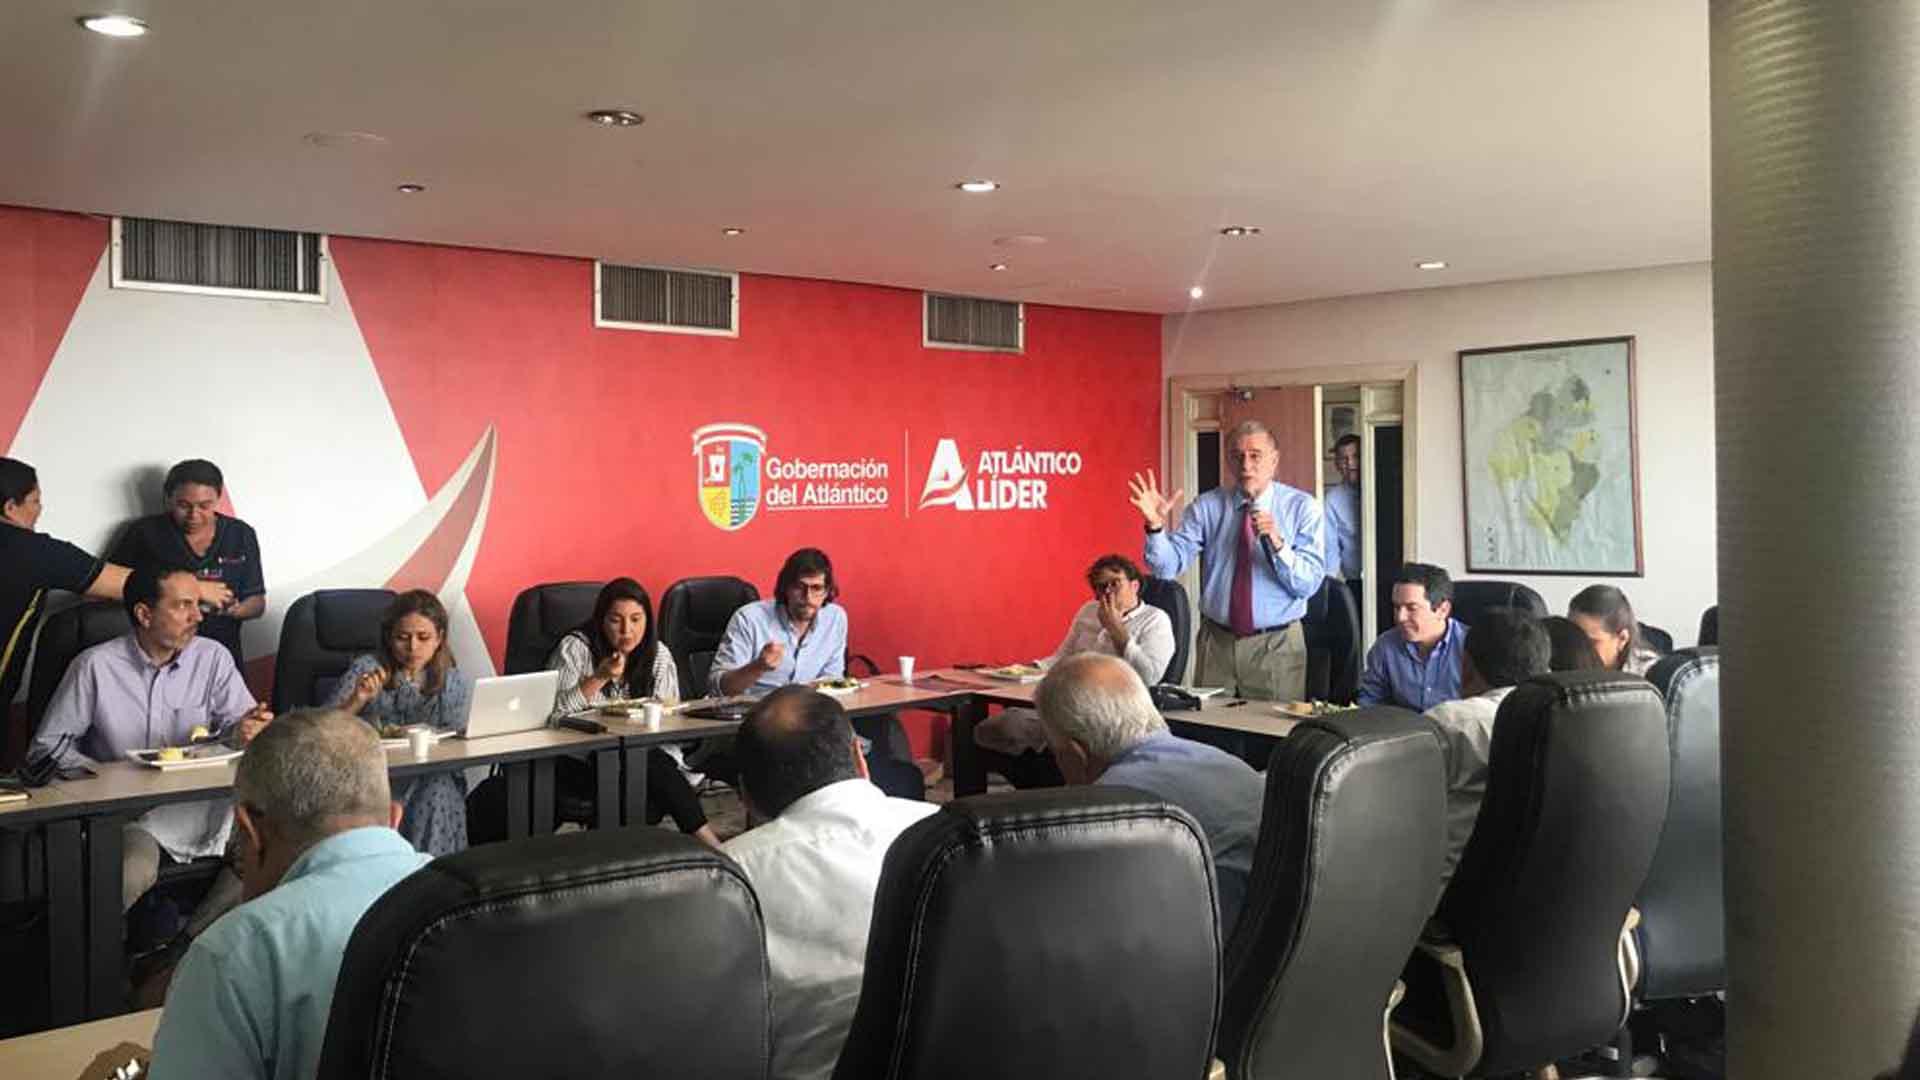 Estudio prevé que moverse en Barranquilla no supere 30 minutos - El Heraldo (Colombia)